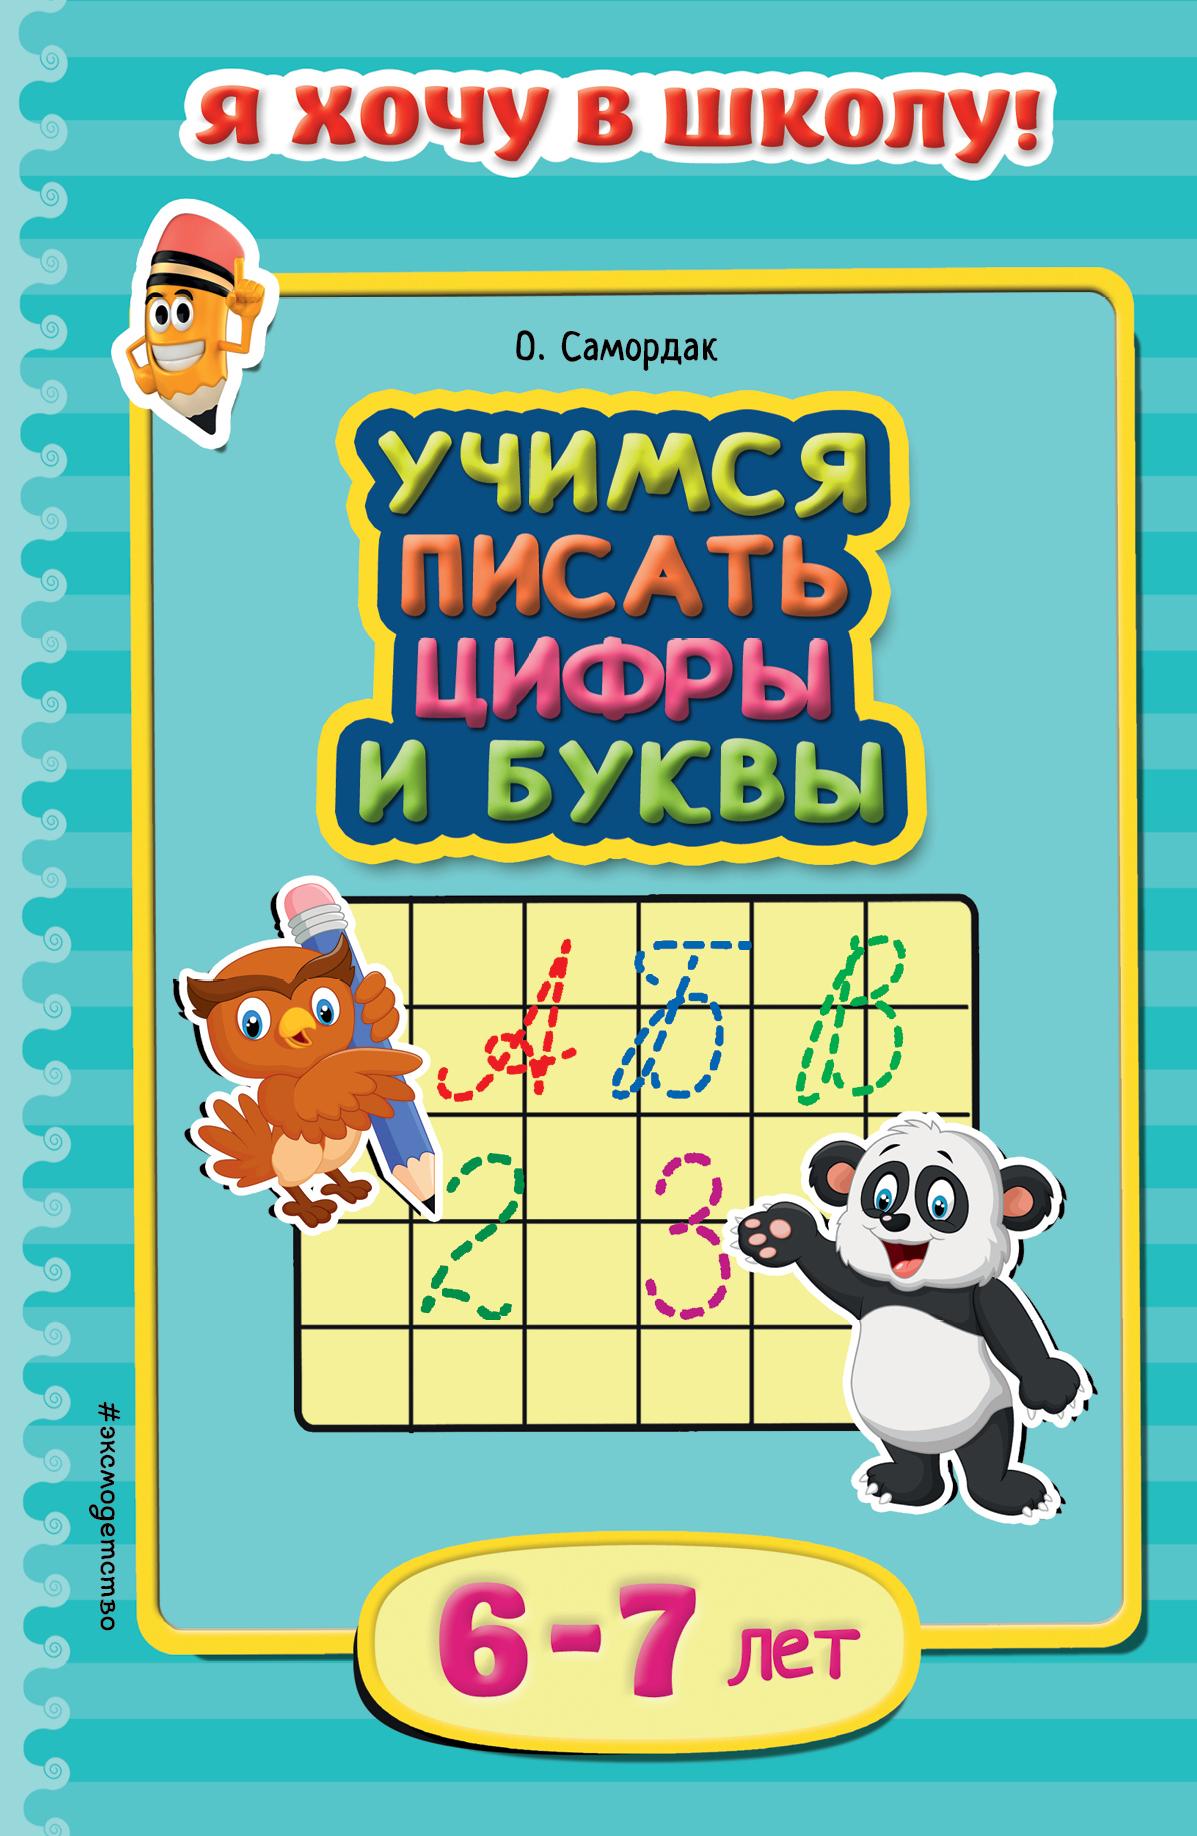 Учимся писать цифры и буквы: для детей 6-7 лет